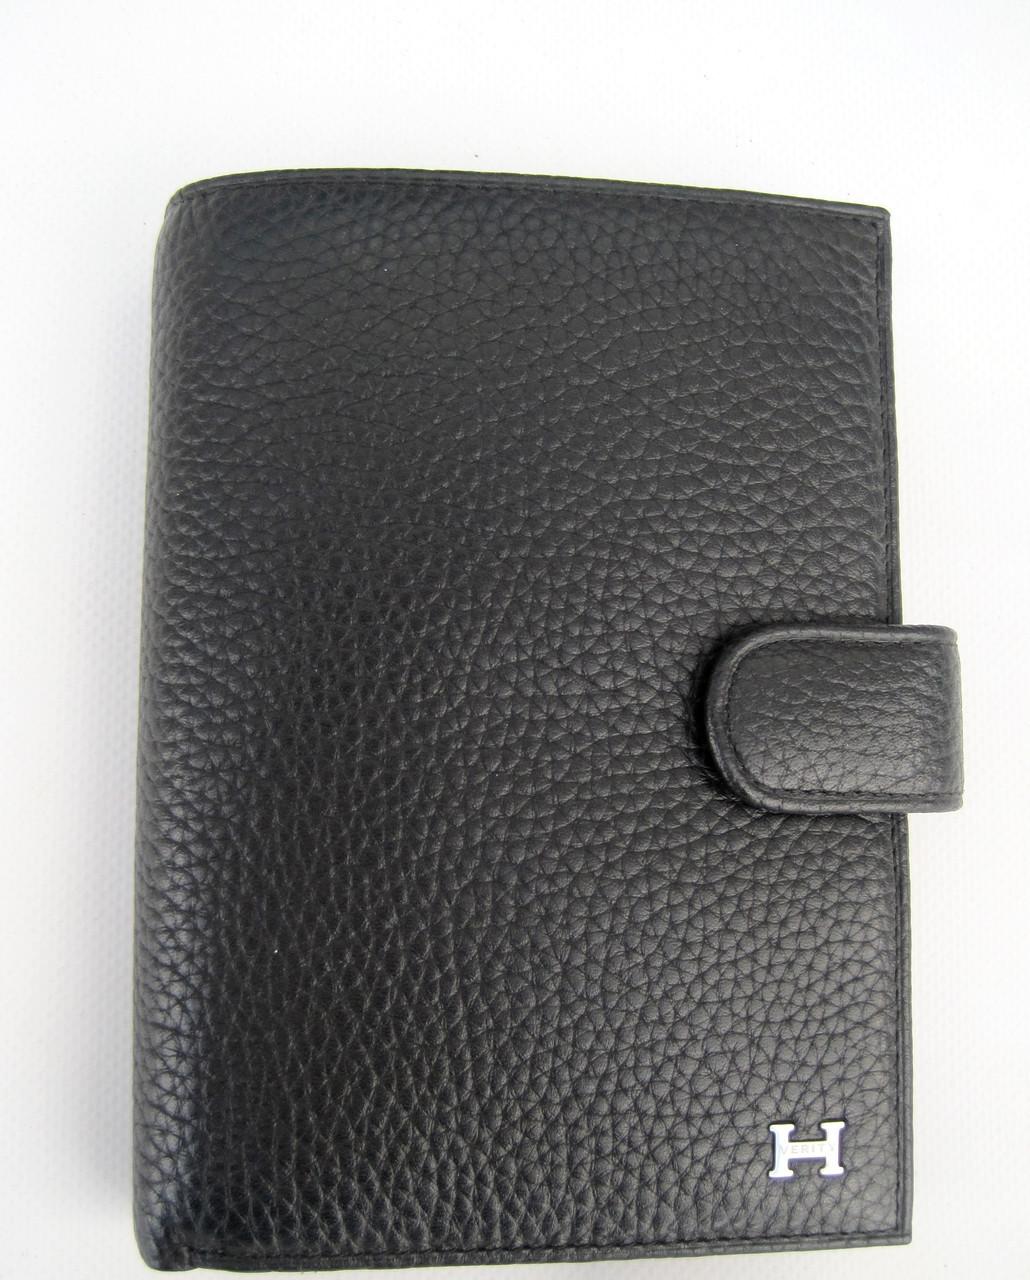 Мужское кожаное портмоне VERITY V123-14 black кожаное портмоне и кожаные кошельки оптом